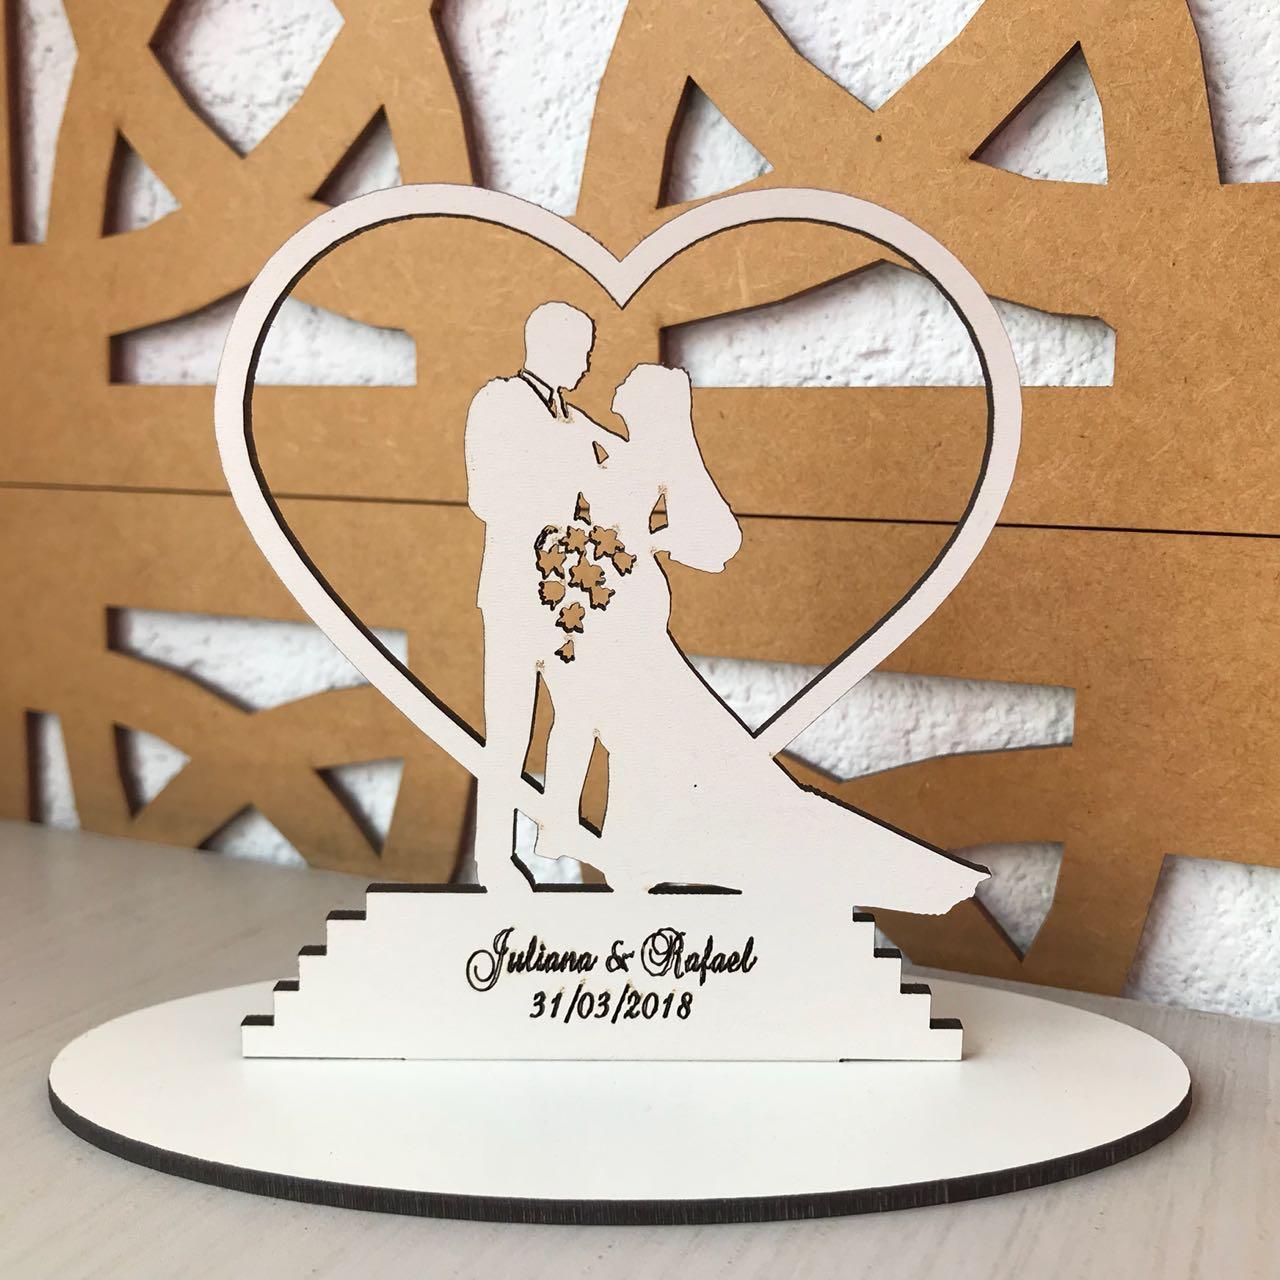 Ref. 009 - Kit Lembrancinhas de Casamento Personalizadas MDF Branco Noivos Coração